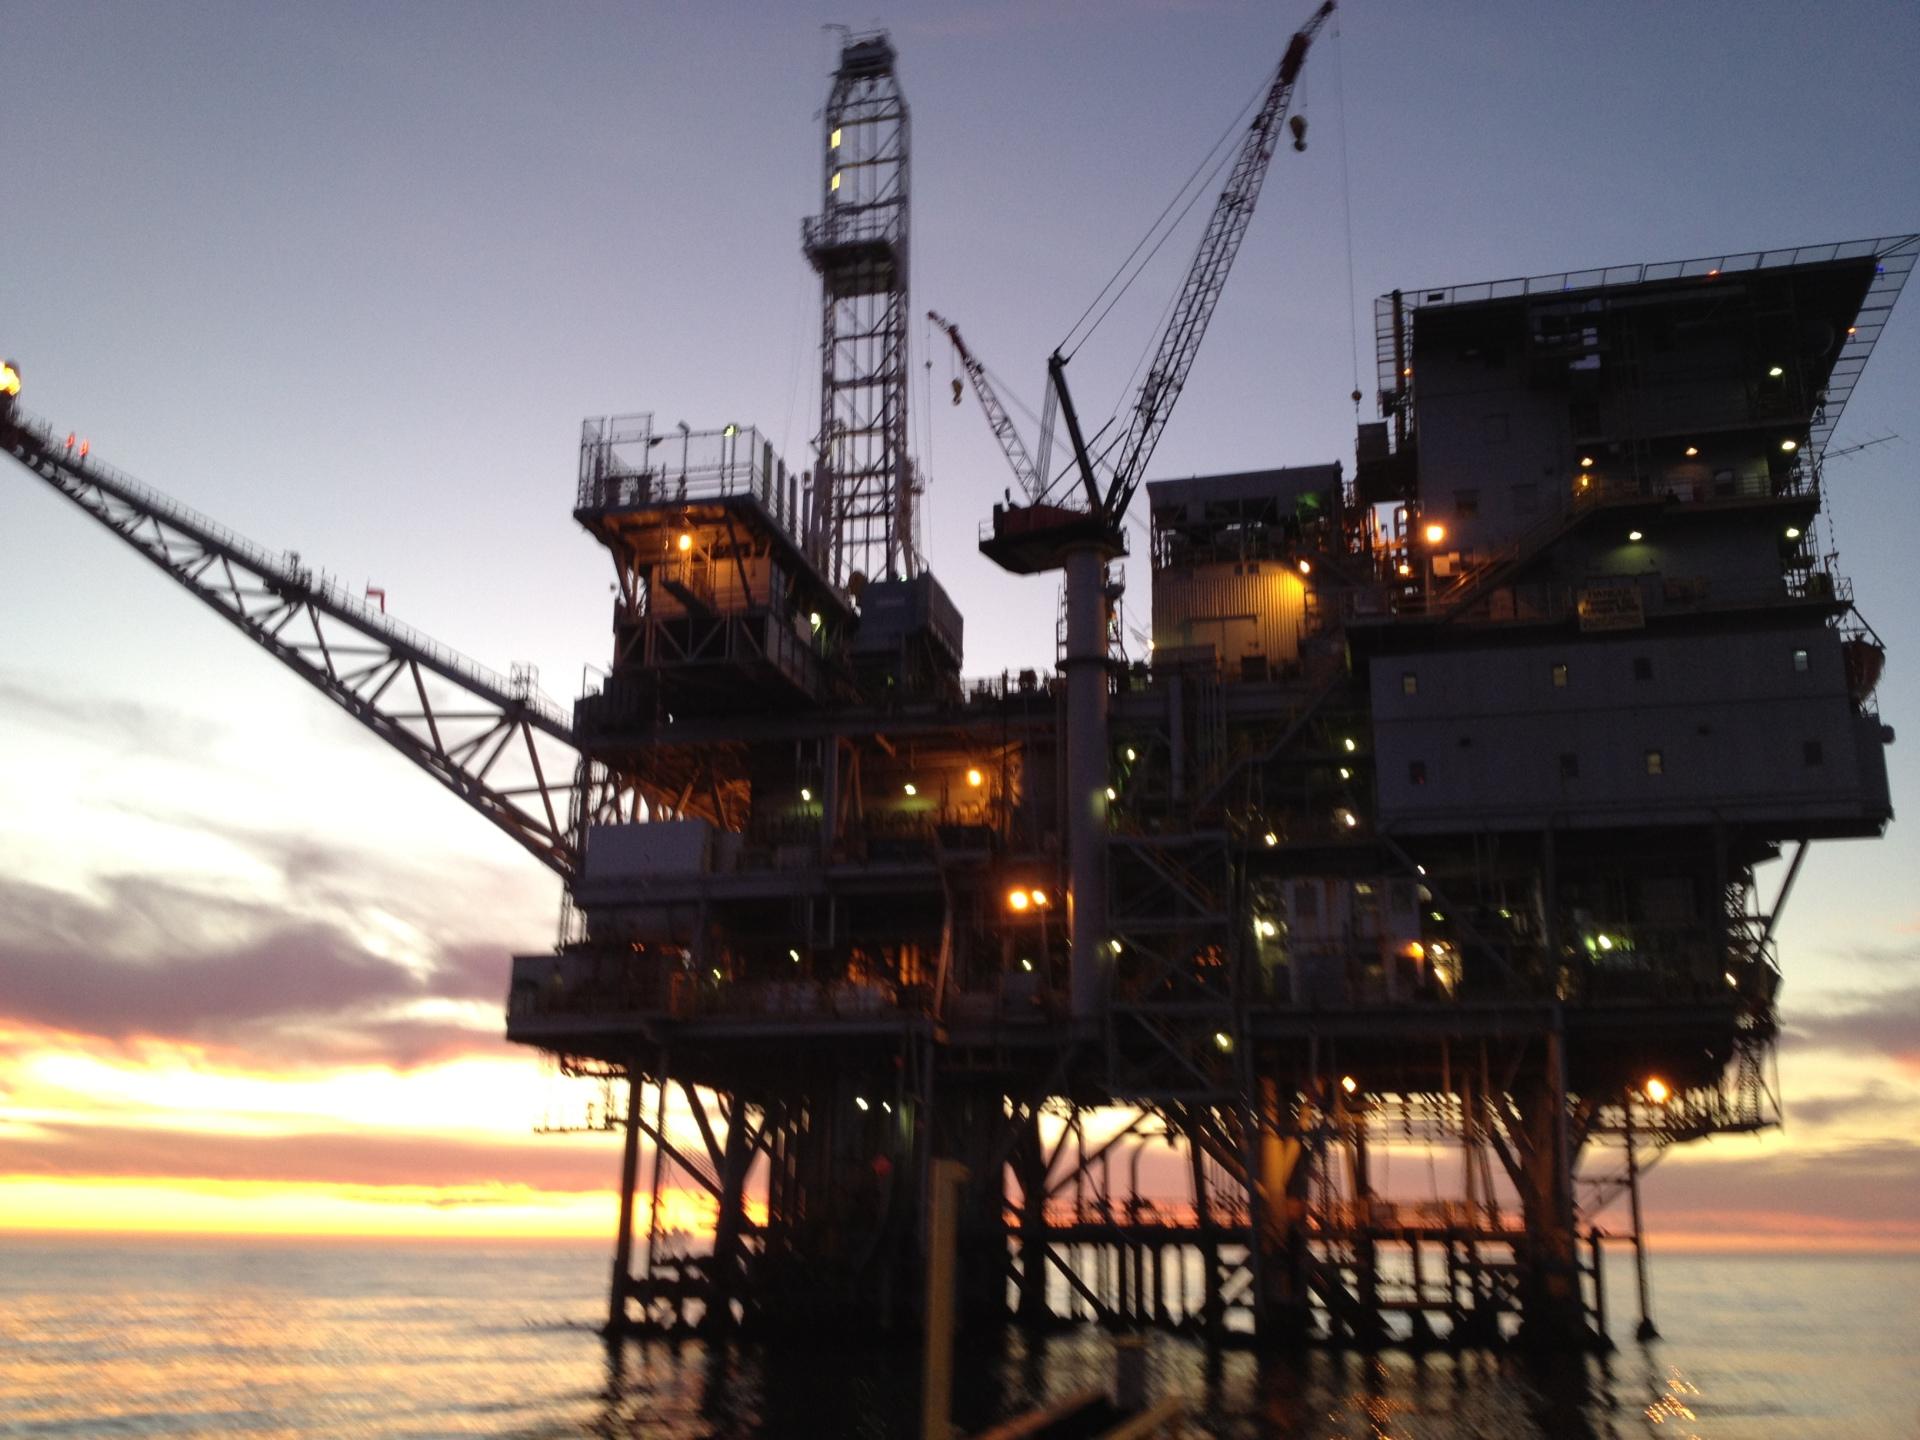 Oil Platform VFD Commissioning